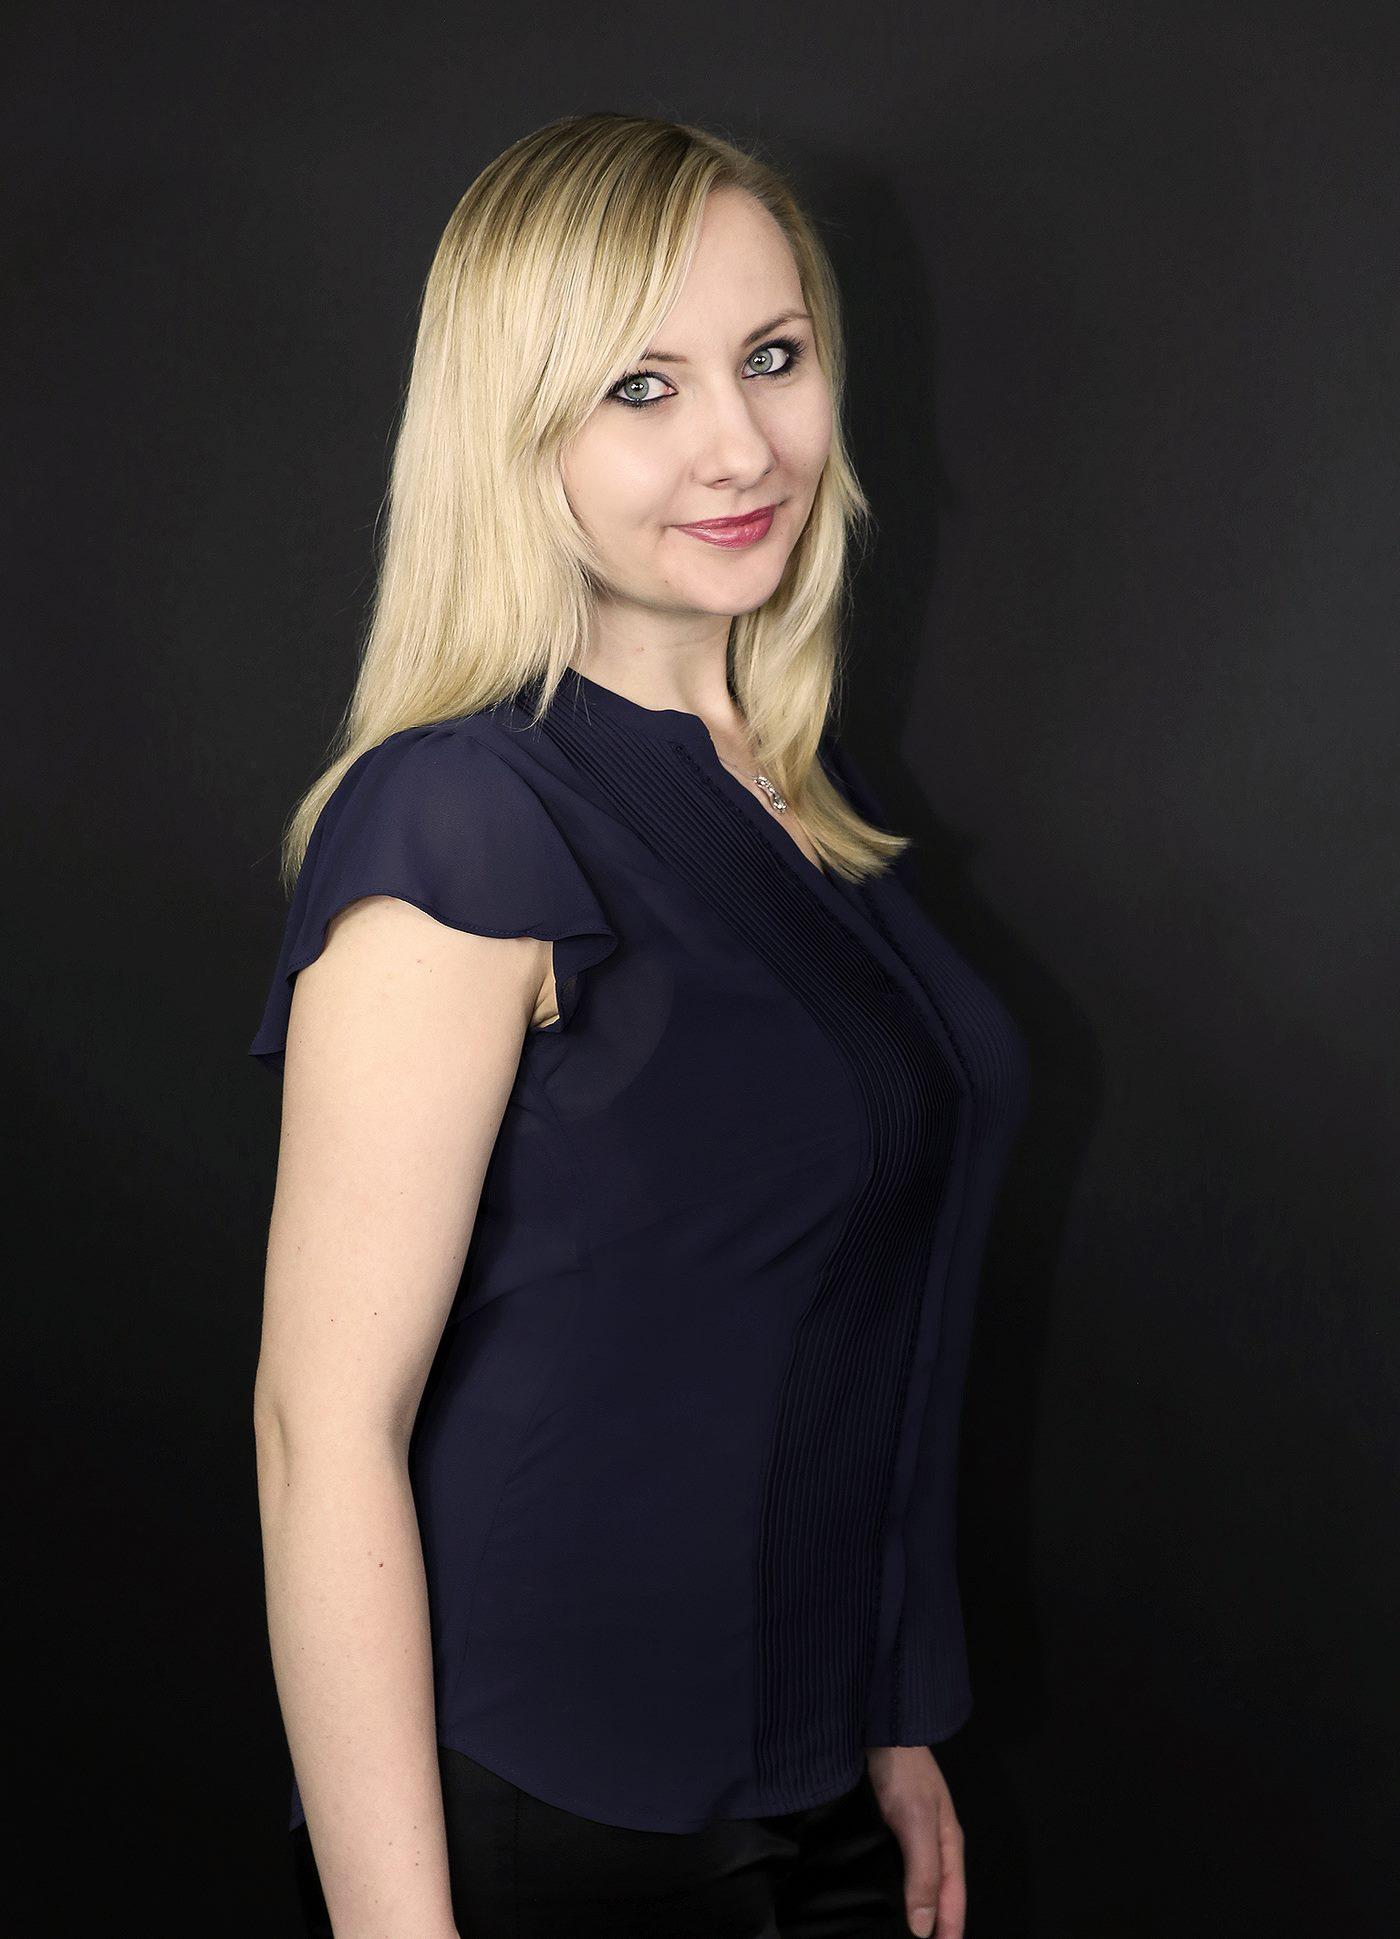 Businessfotografie Frau vor dunklem Hintergrund